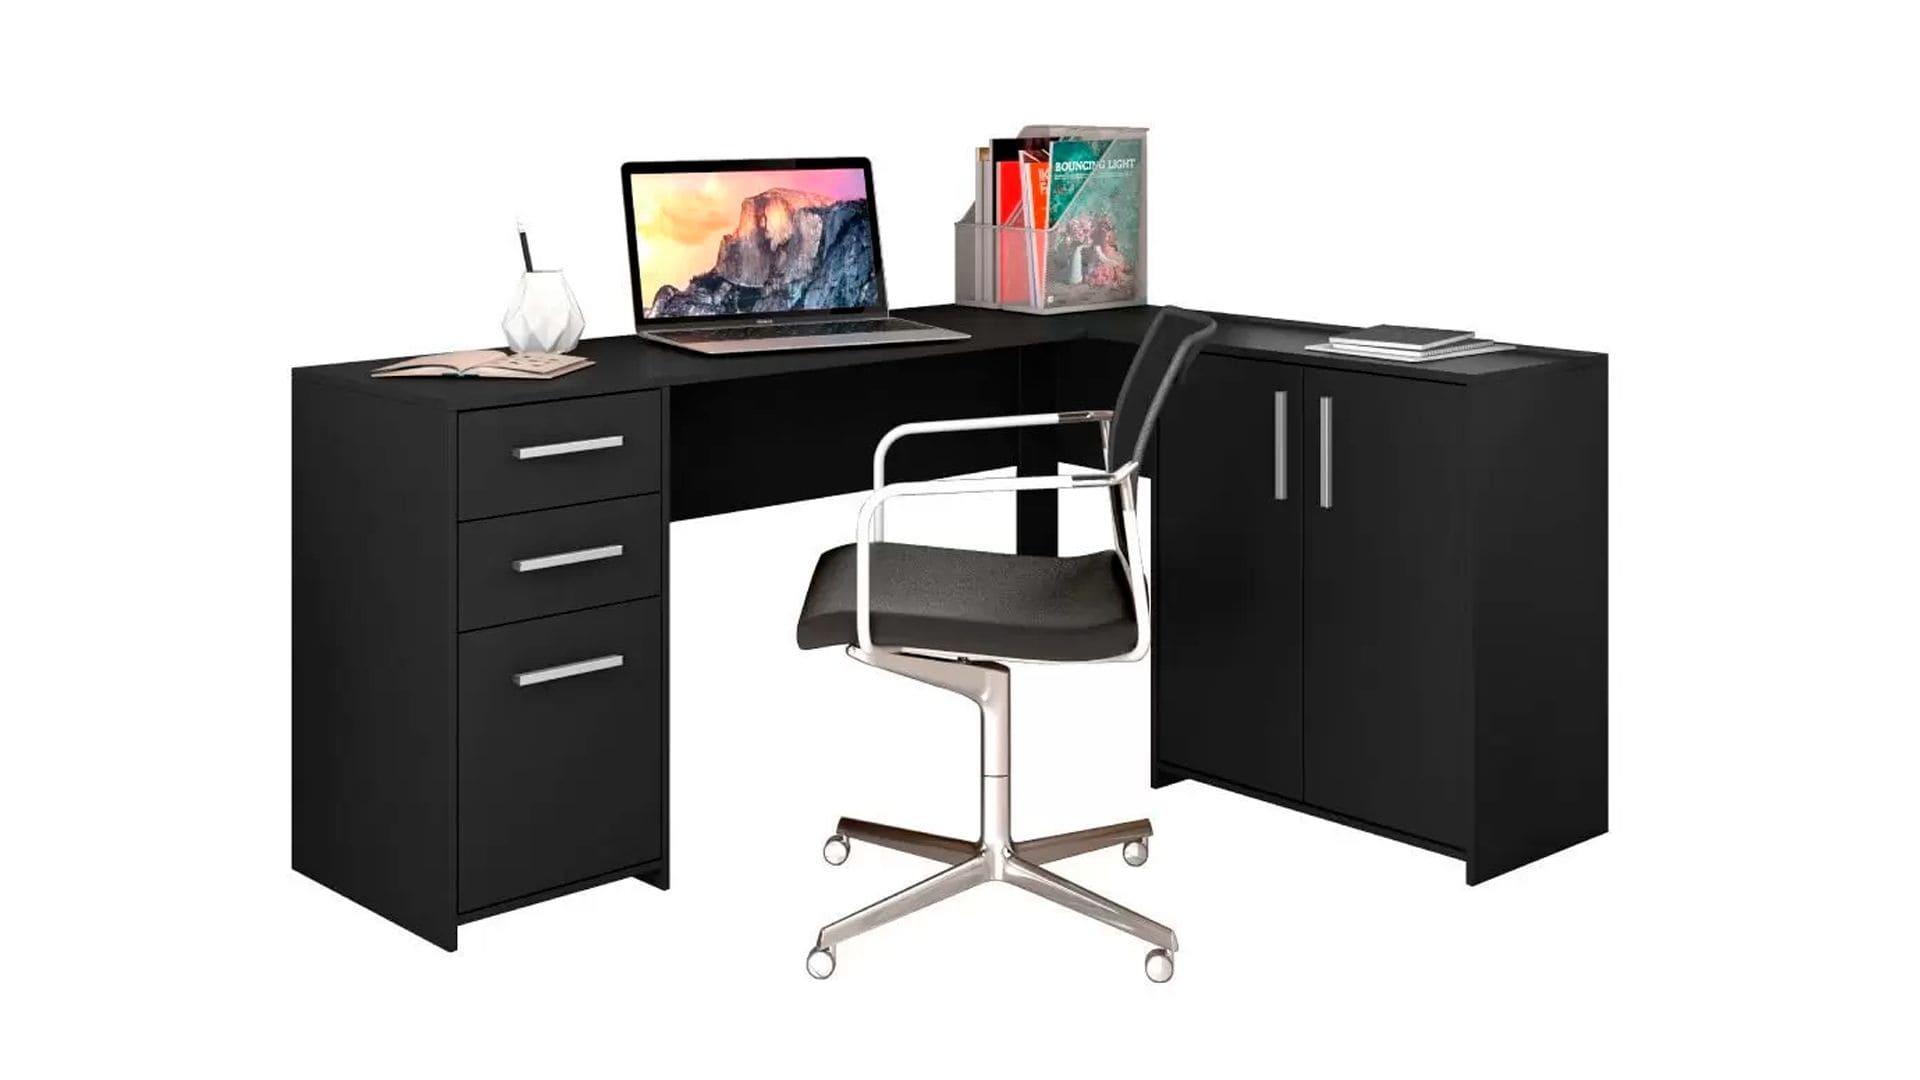 Mesa para computador em L 2 Gavetas Office Notável Preto em fundo branco